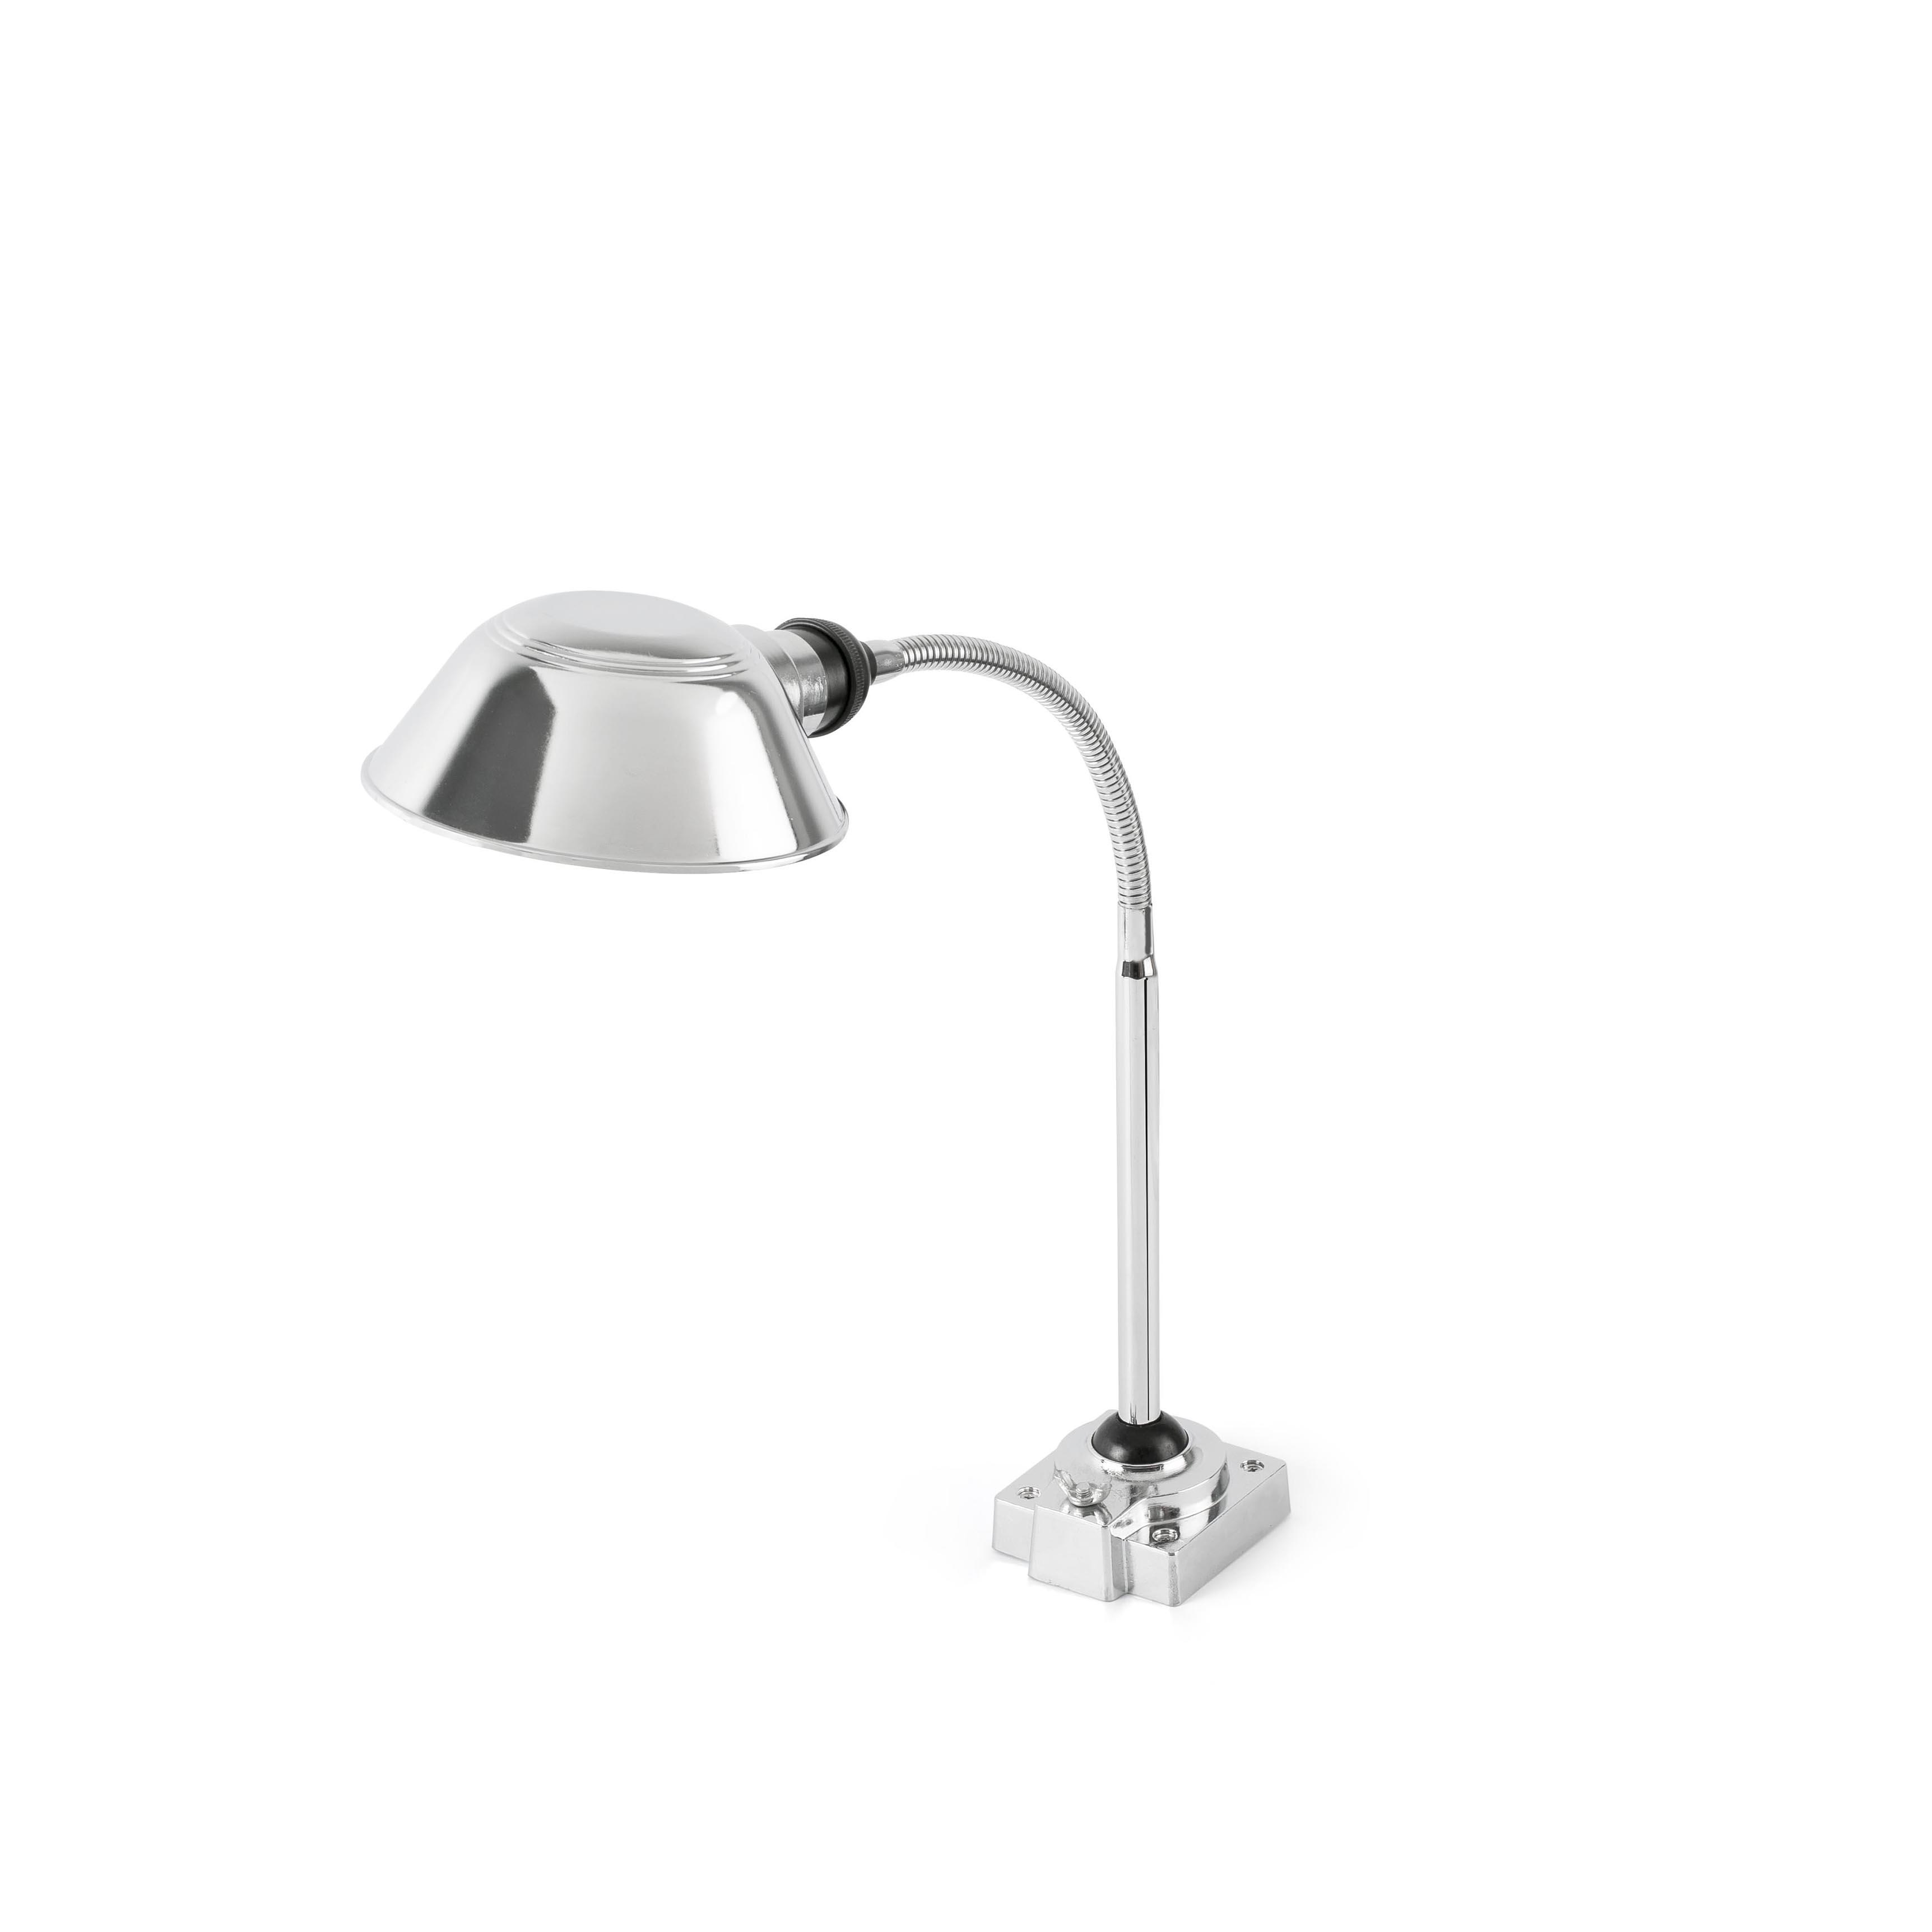 Table Lamp Wall Lamp Remake Chrome Led O9 5cm H15 5cm Faro Nedgis Lighting